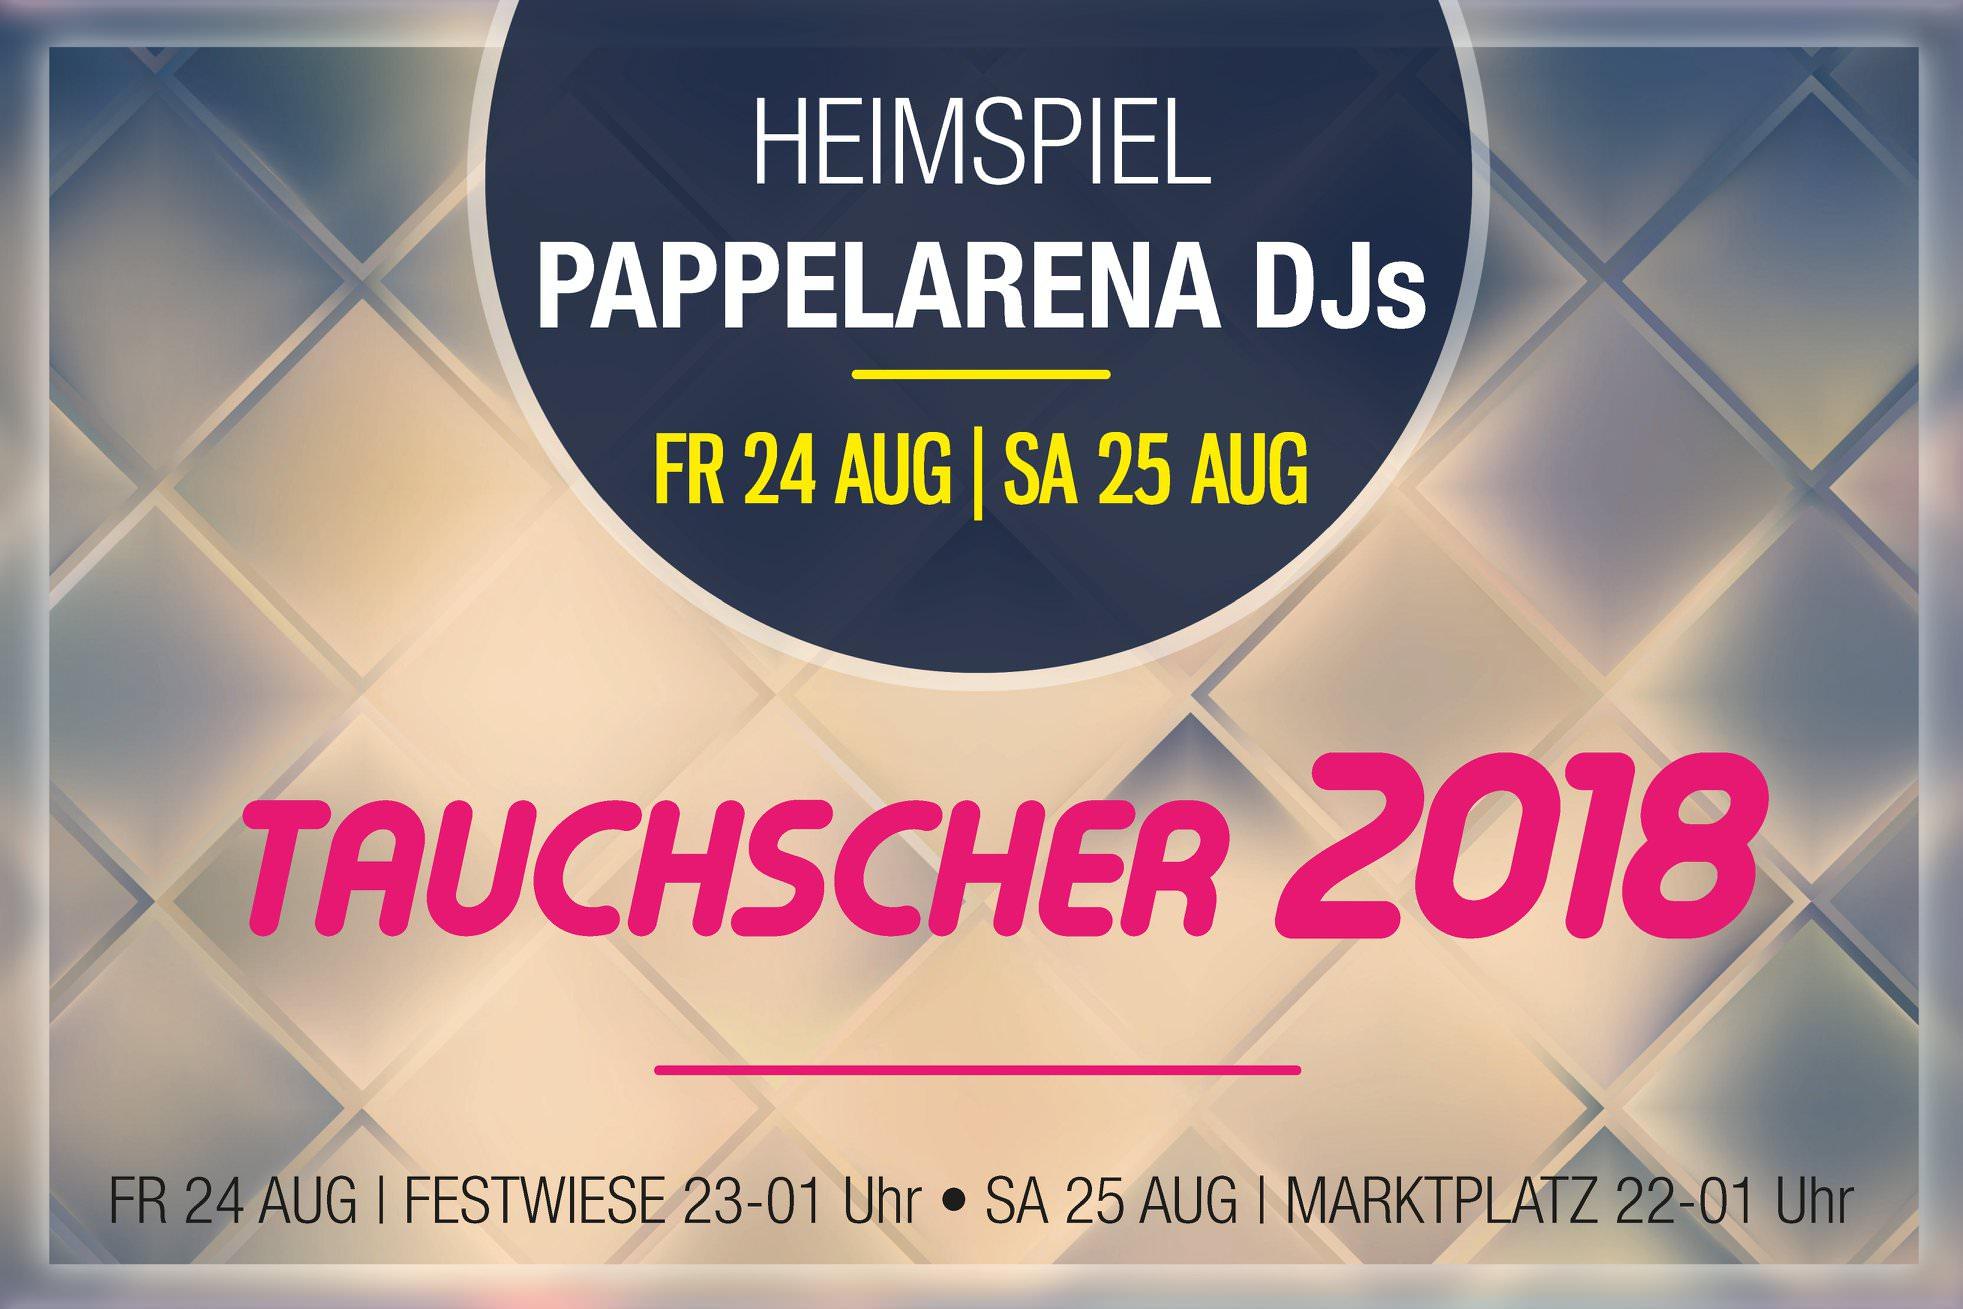 Pappelarena DJs